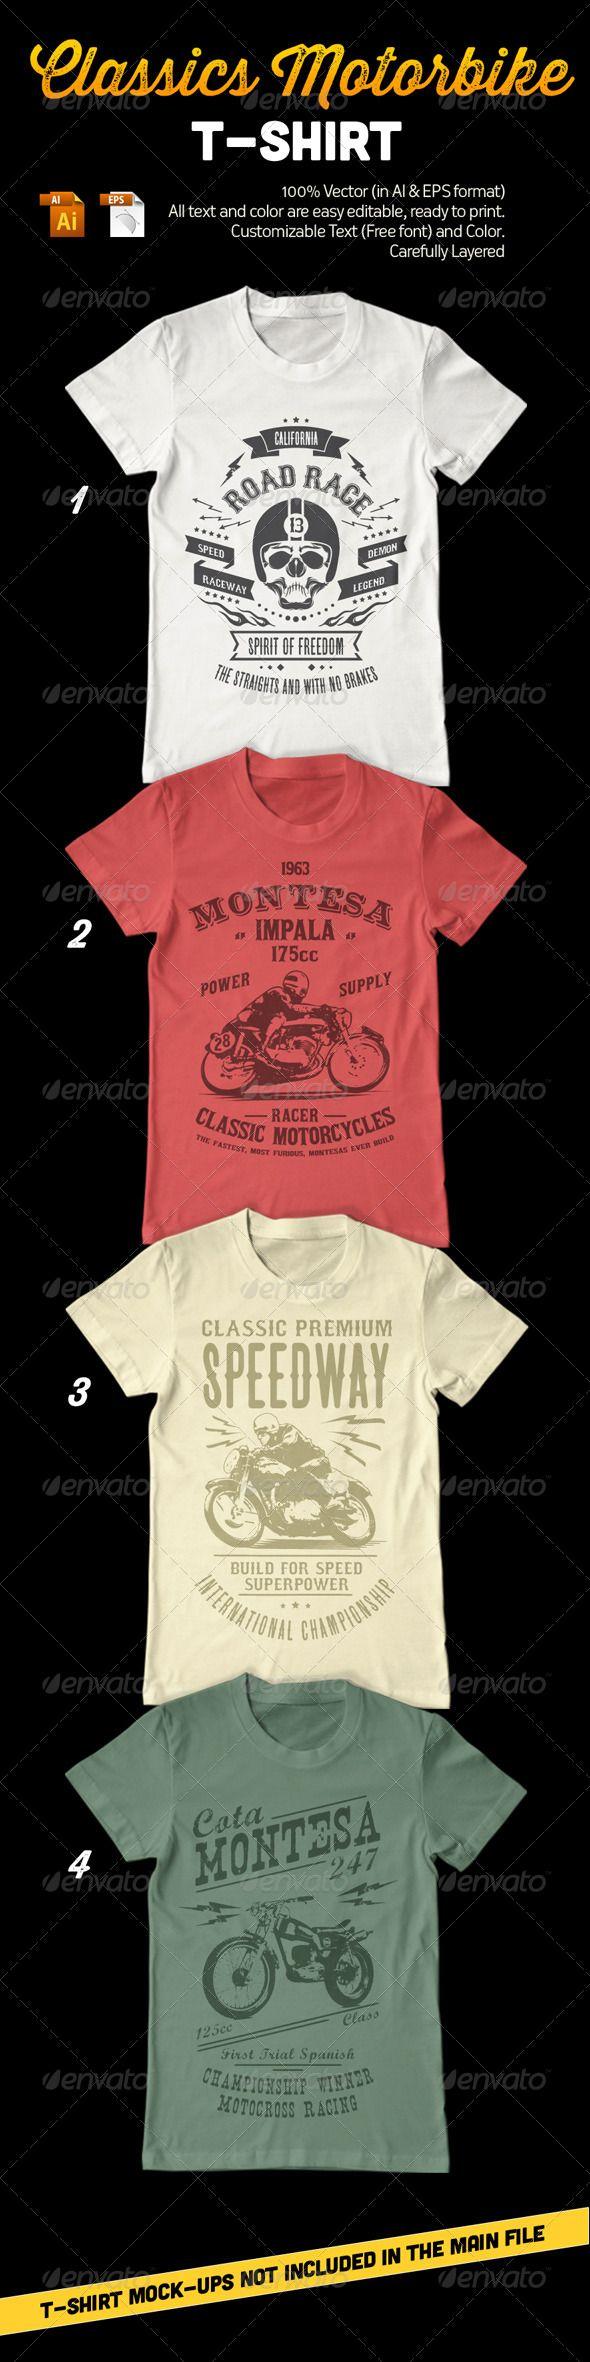 Classic Motorbike T-Shirt